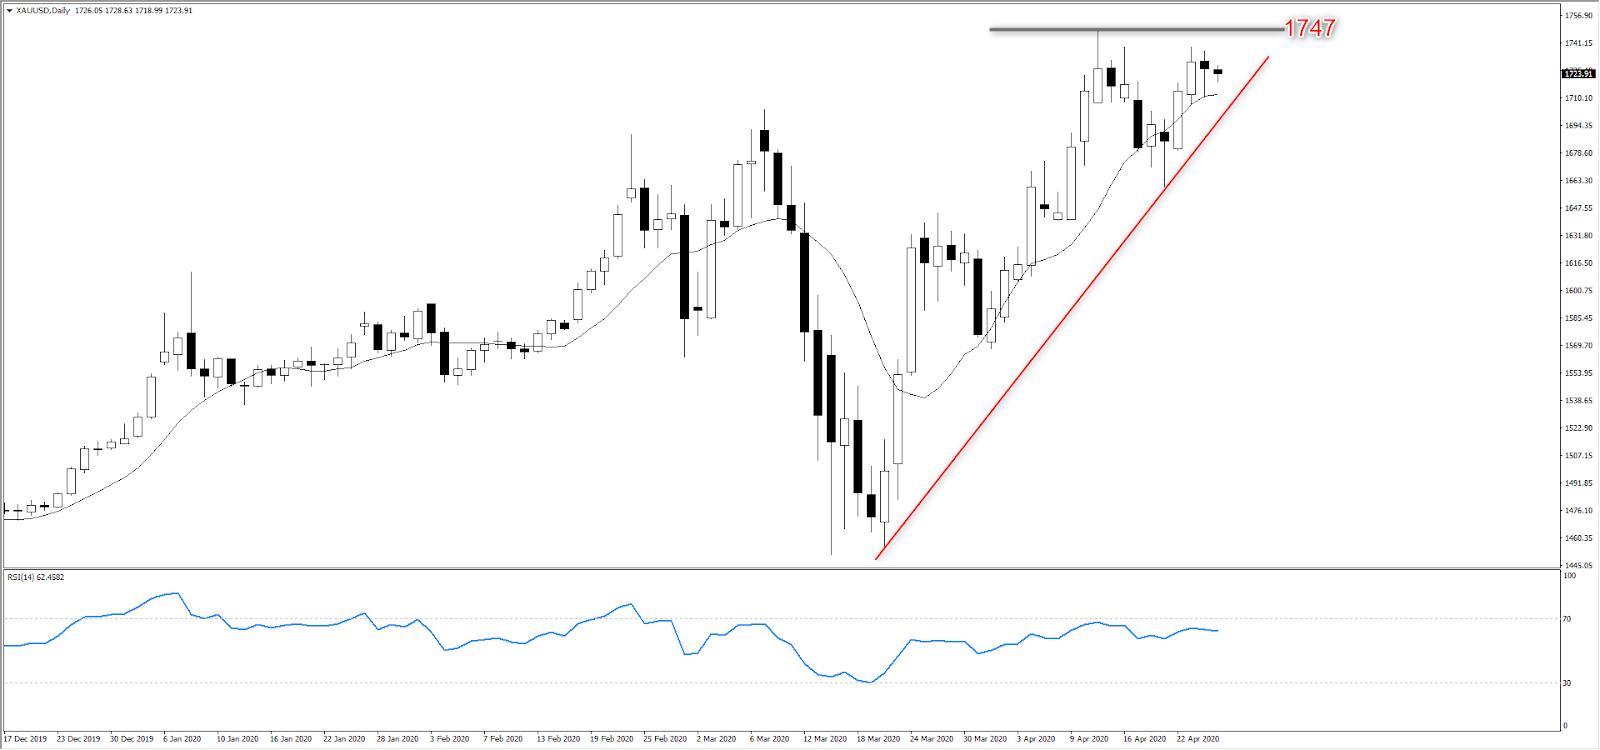 美国、欧洲、日本央行利率决议携重磅数据来袭,  黄金逆势走强距高点1747一步之遥